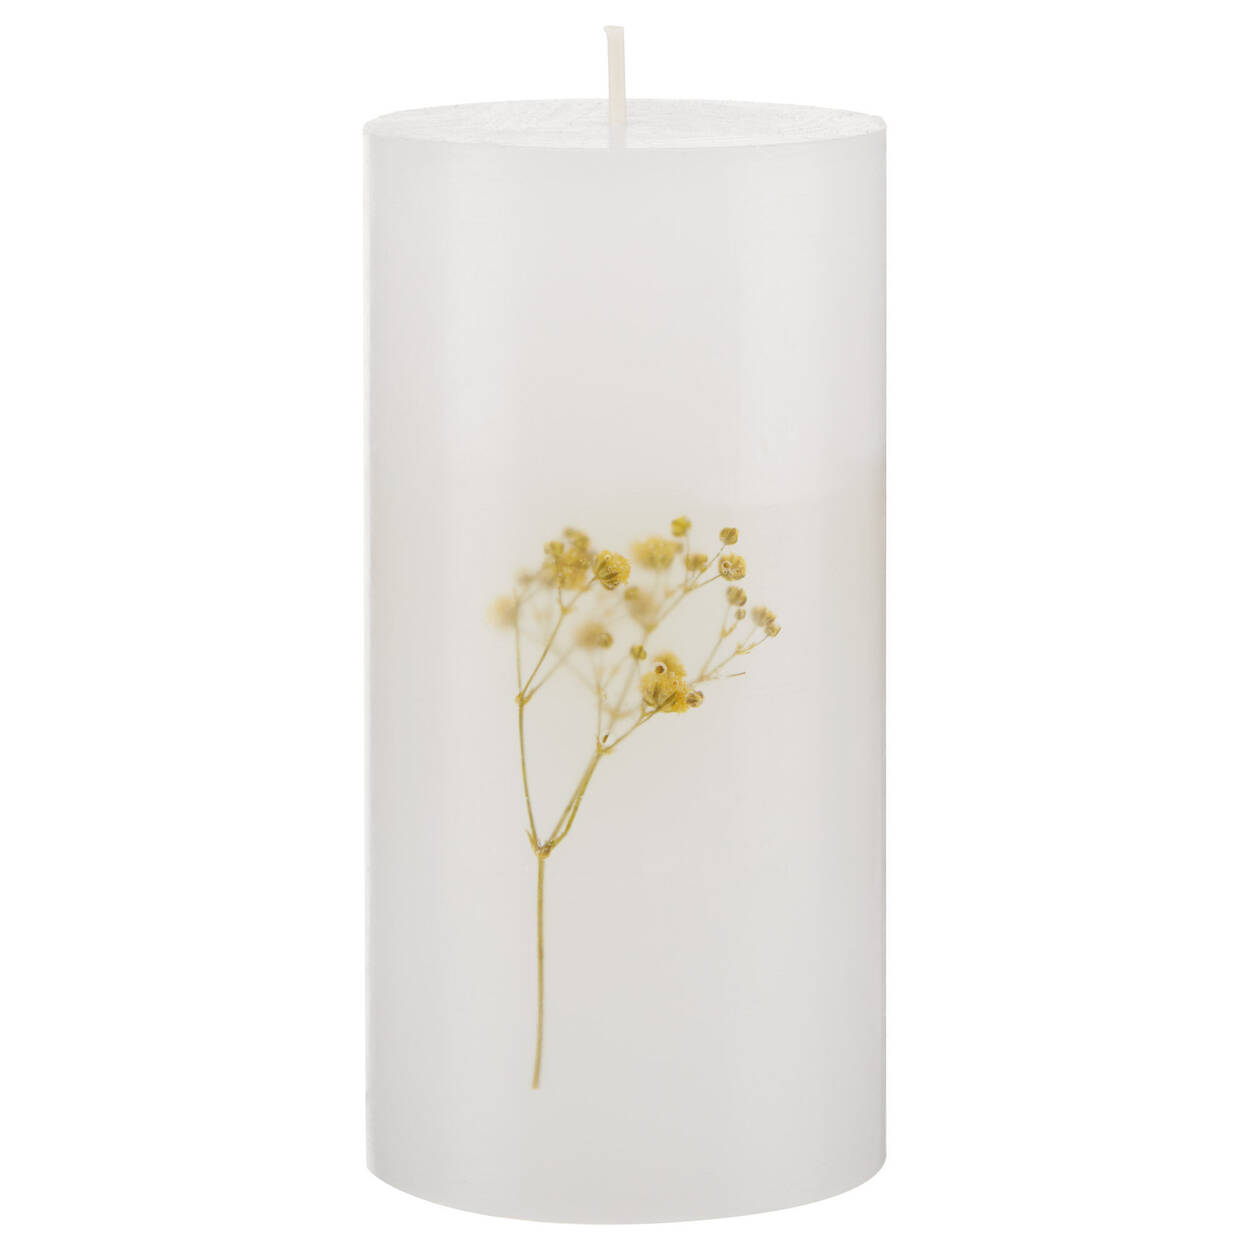 Chandelle blanche avec fleur jaune